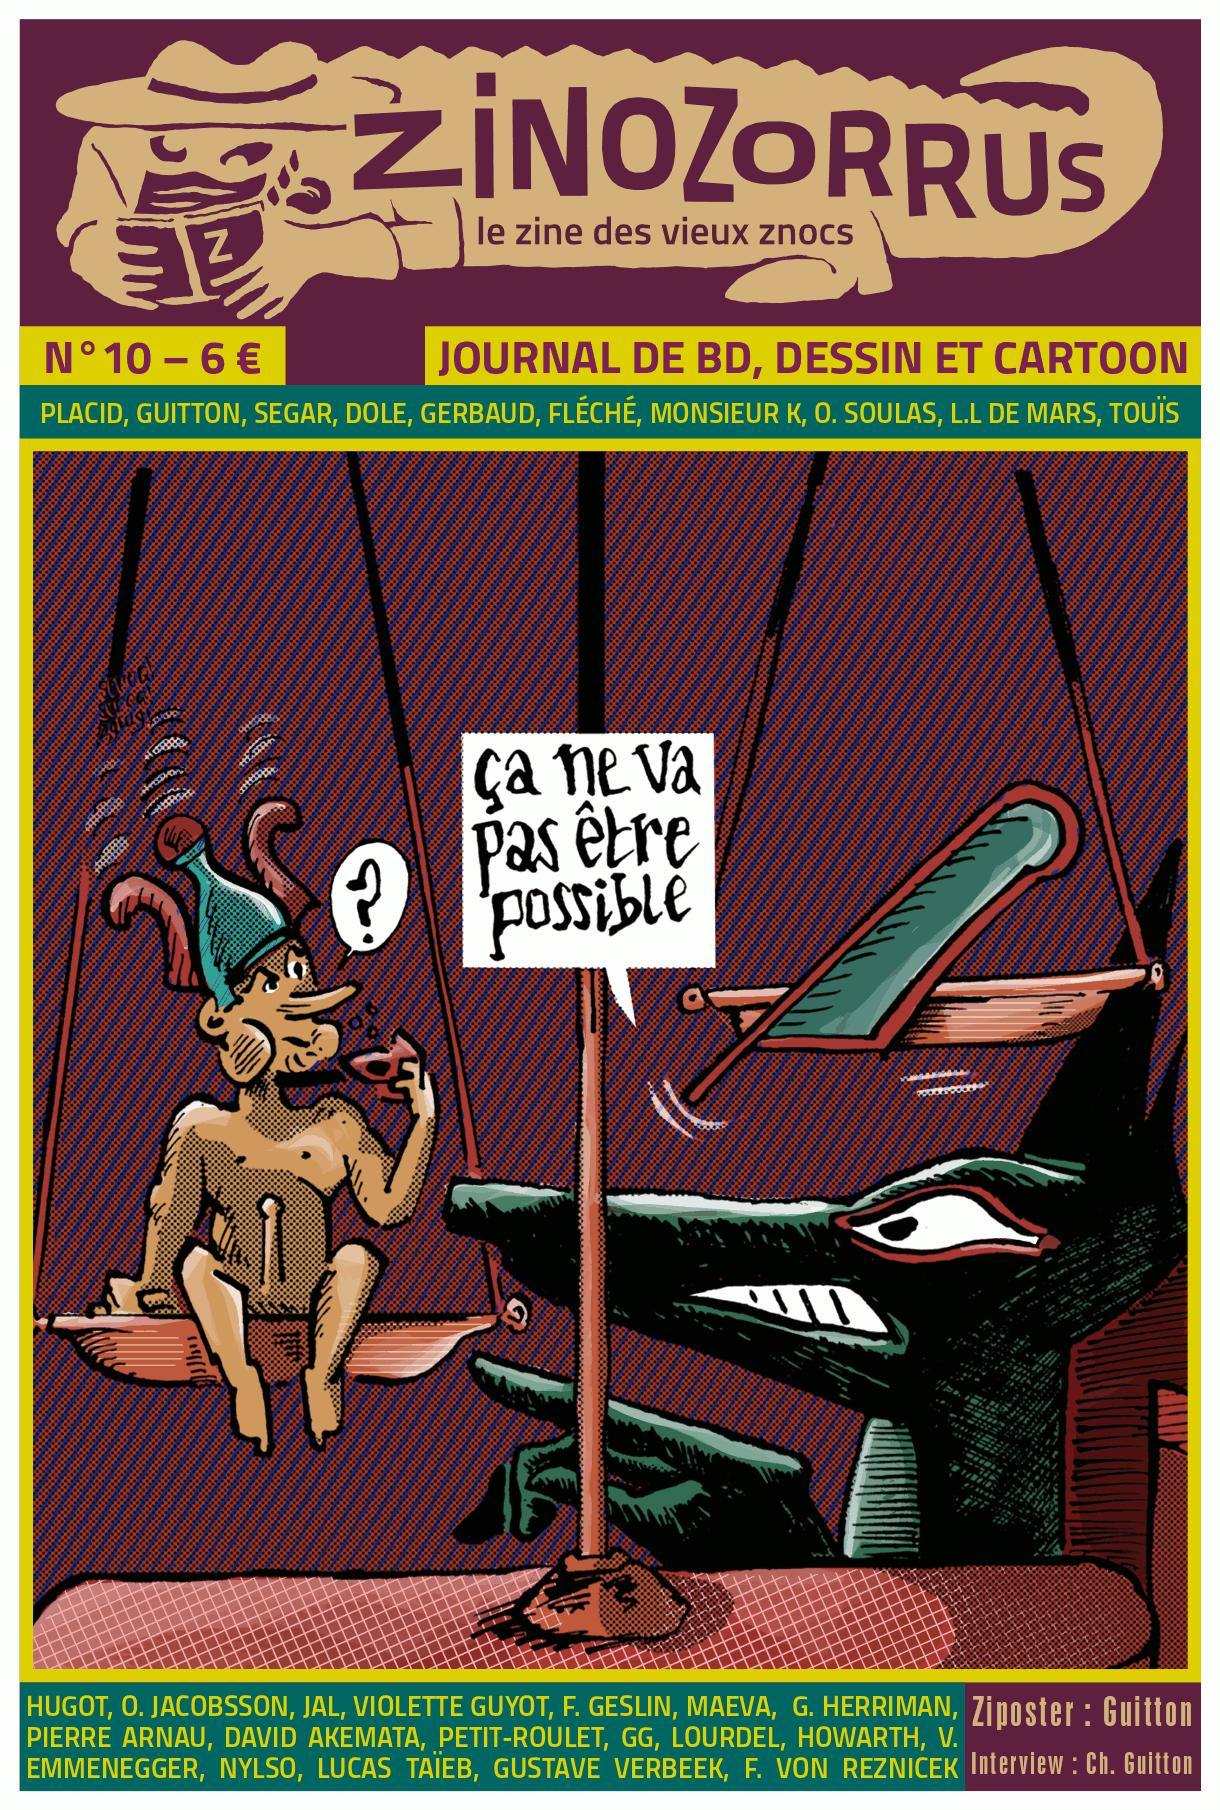 Zinozorrus 10 – couverture de Philippe Gerbaud